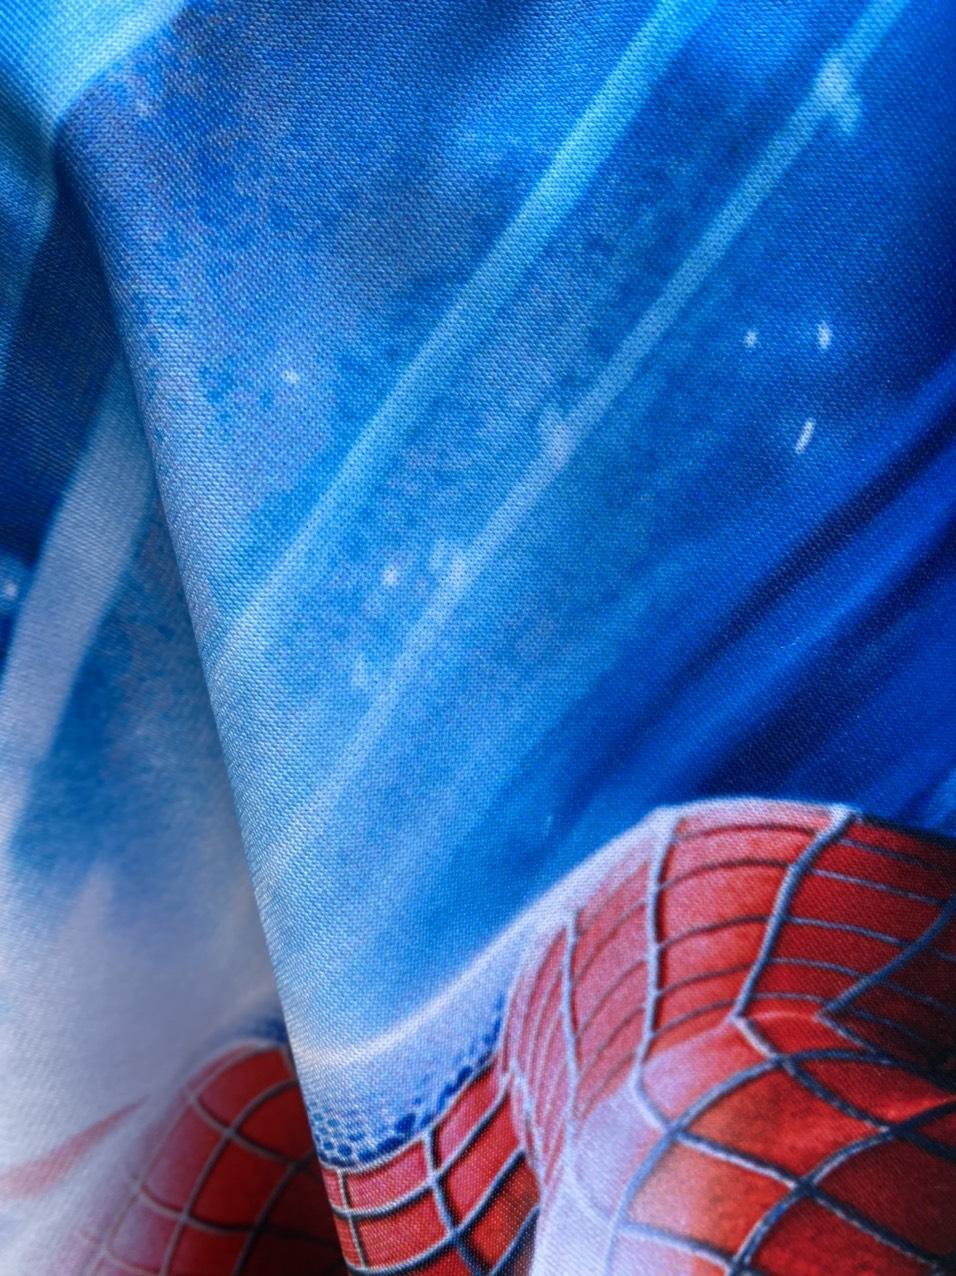 Bộ chăn gối hình Người nhện cho bé 3-5 tuổi